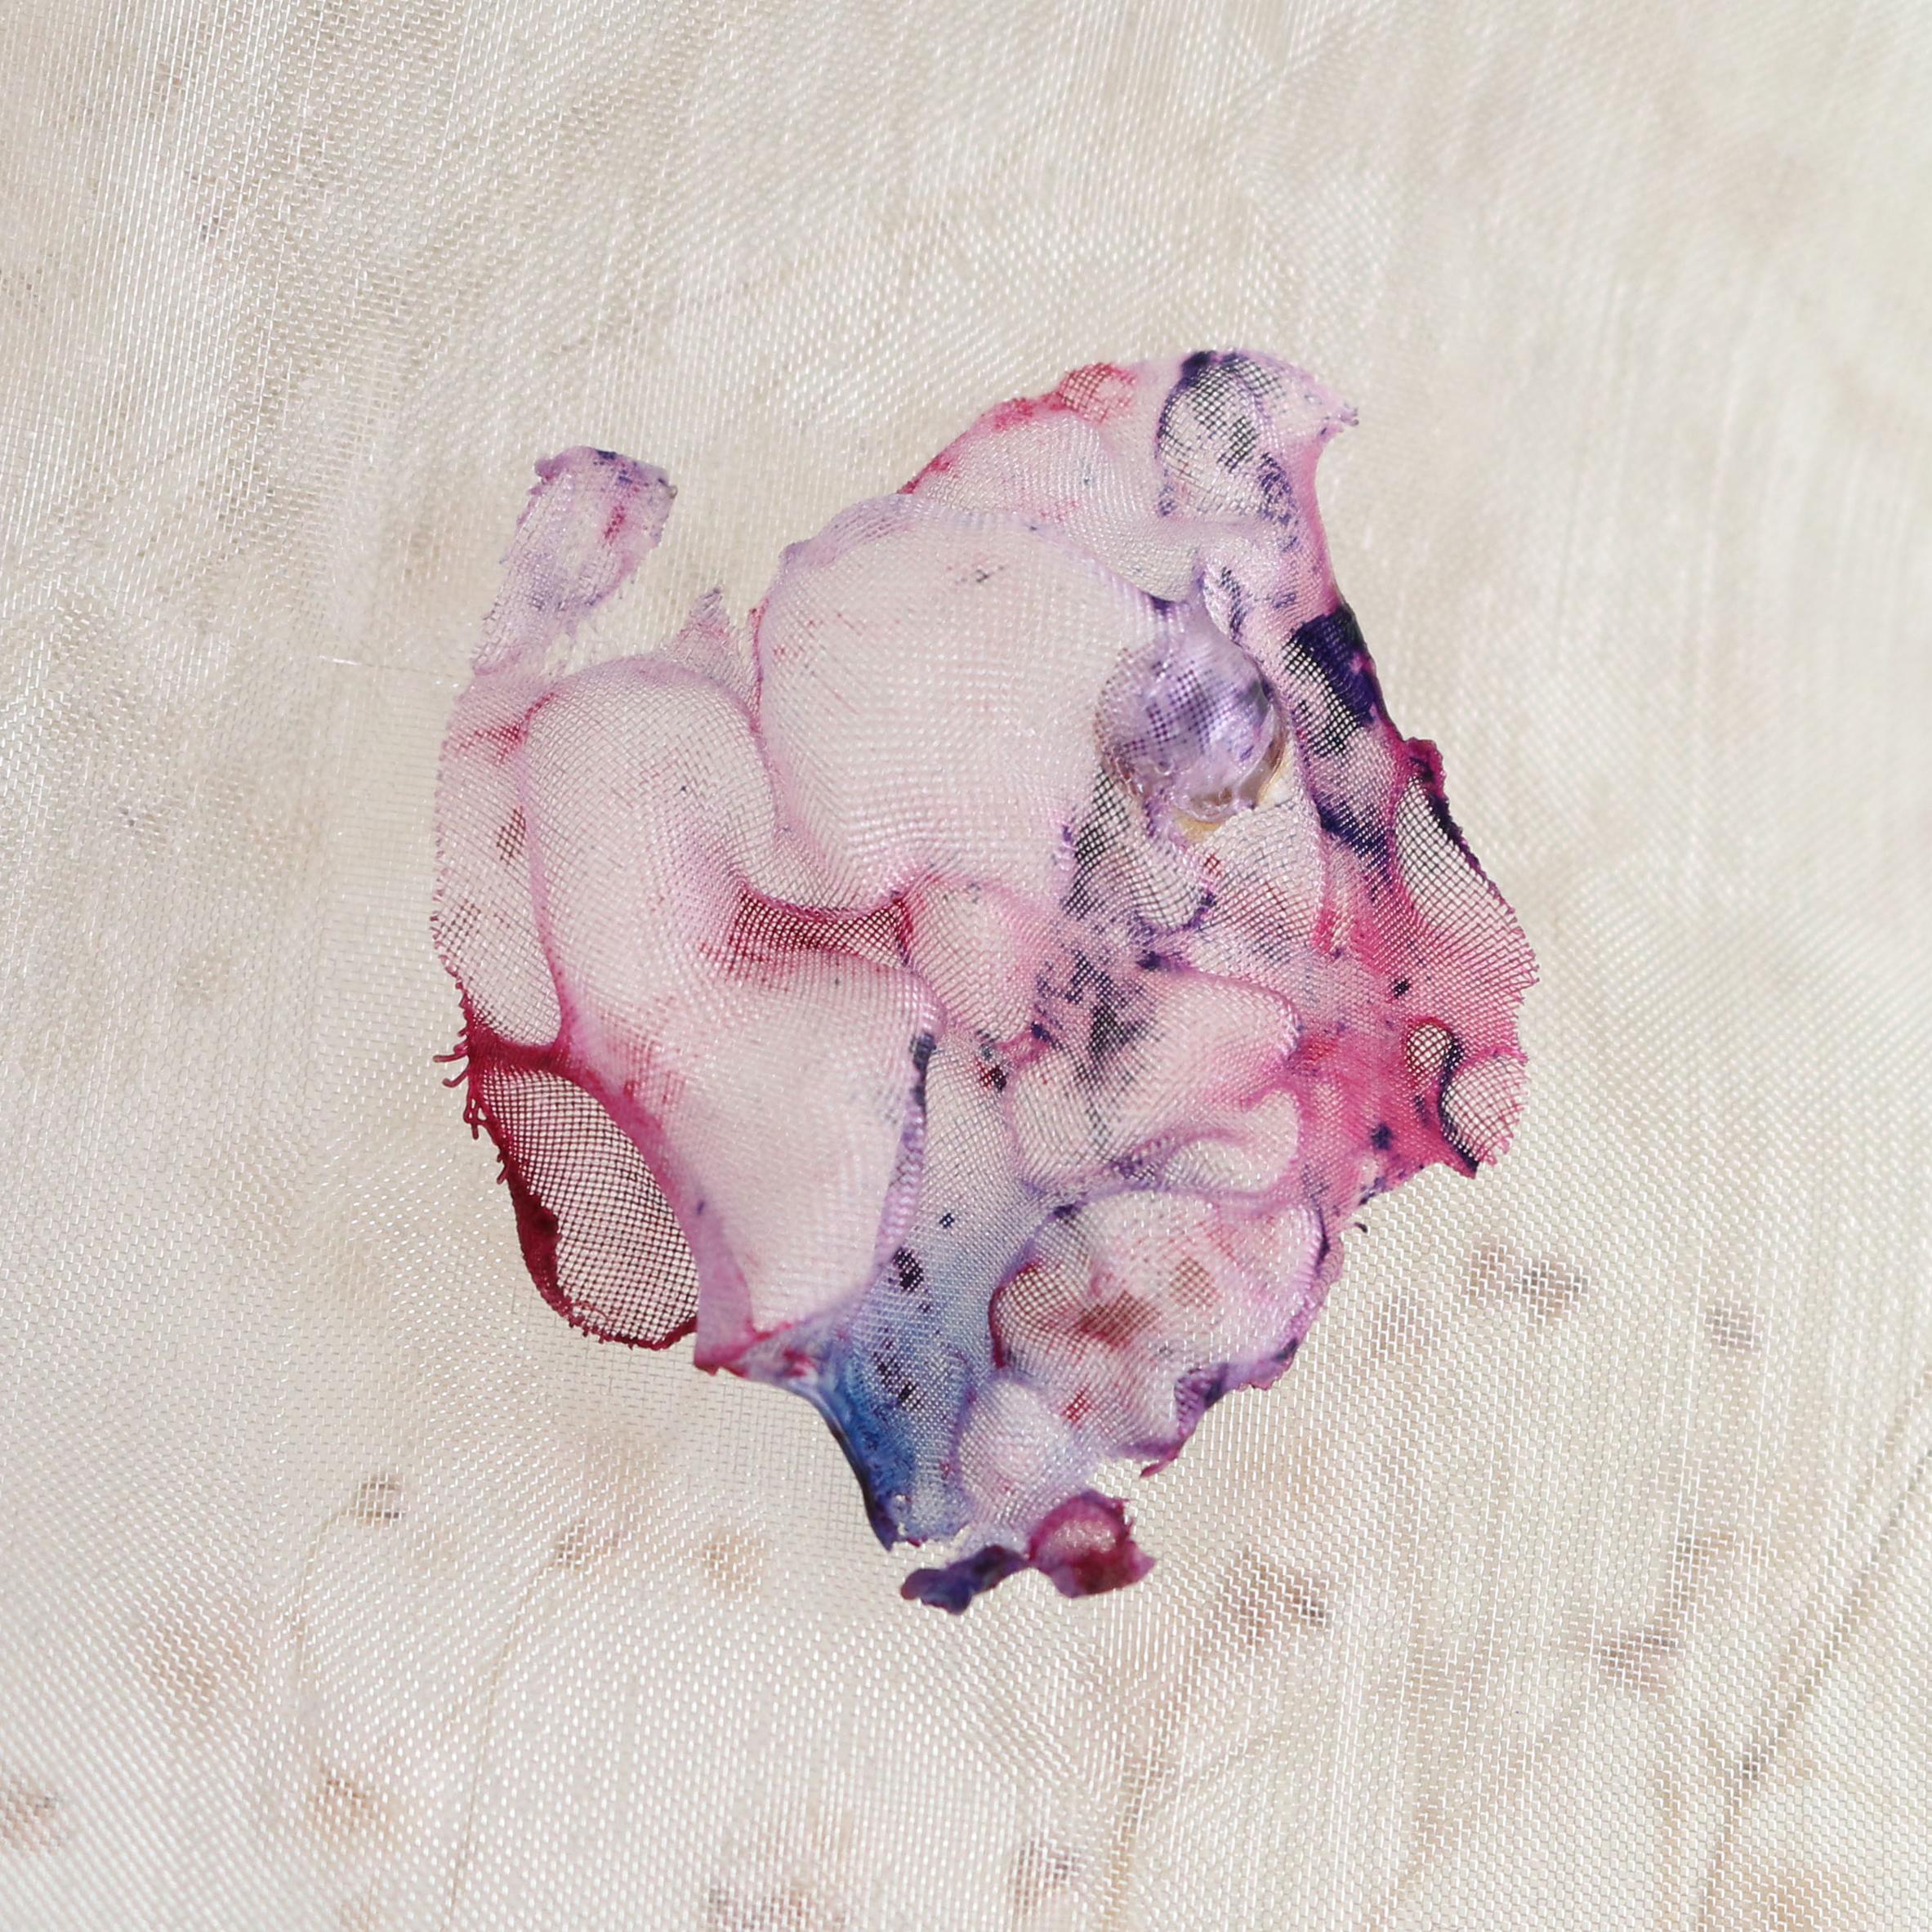 染めオーガンジーのアートピアス|ピンクマーブル